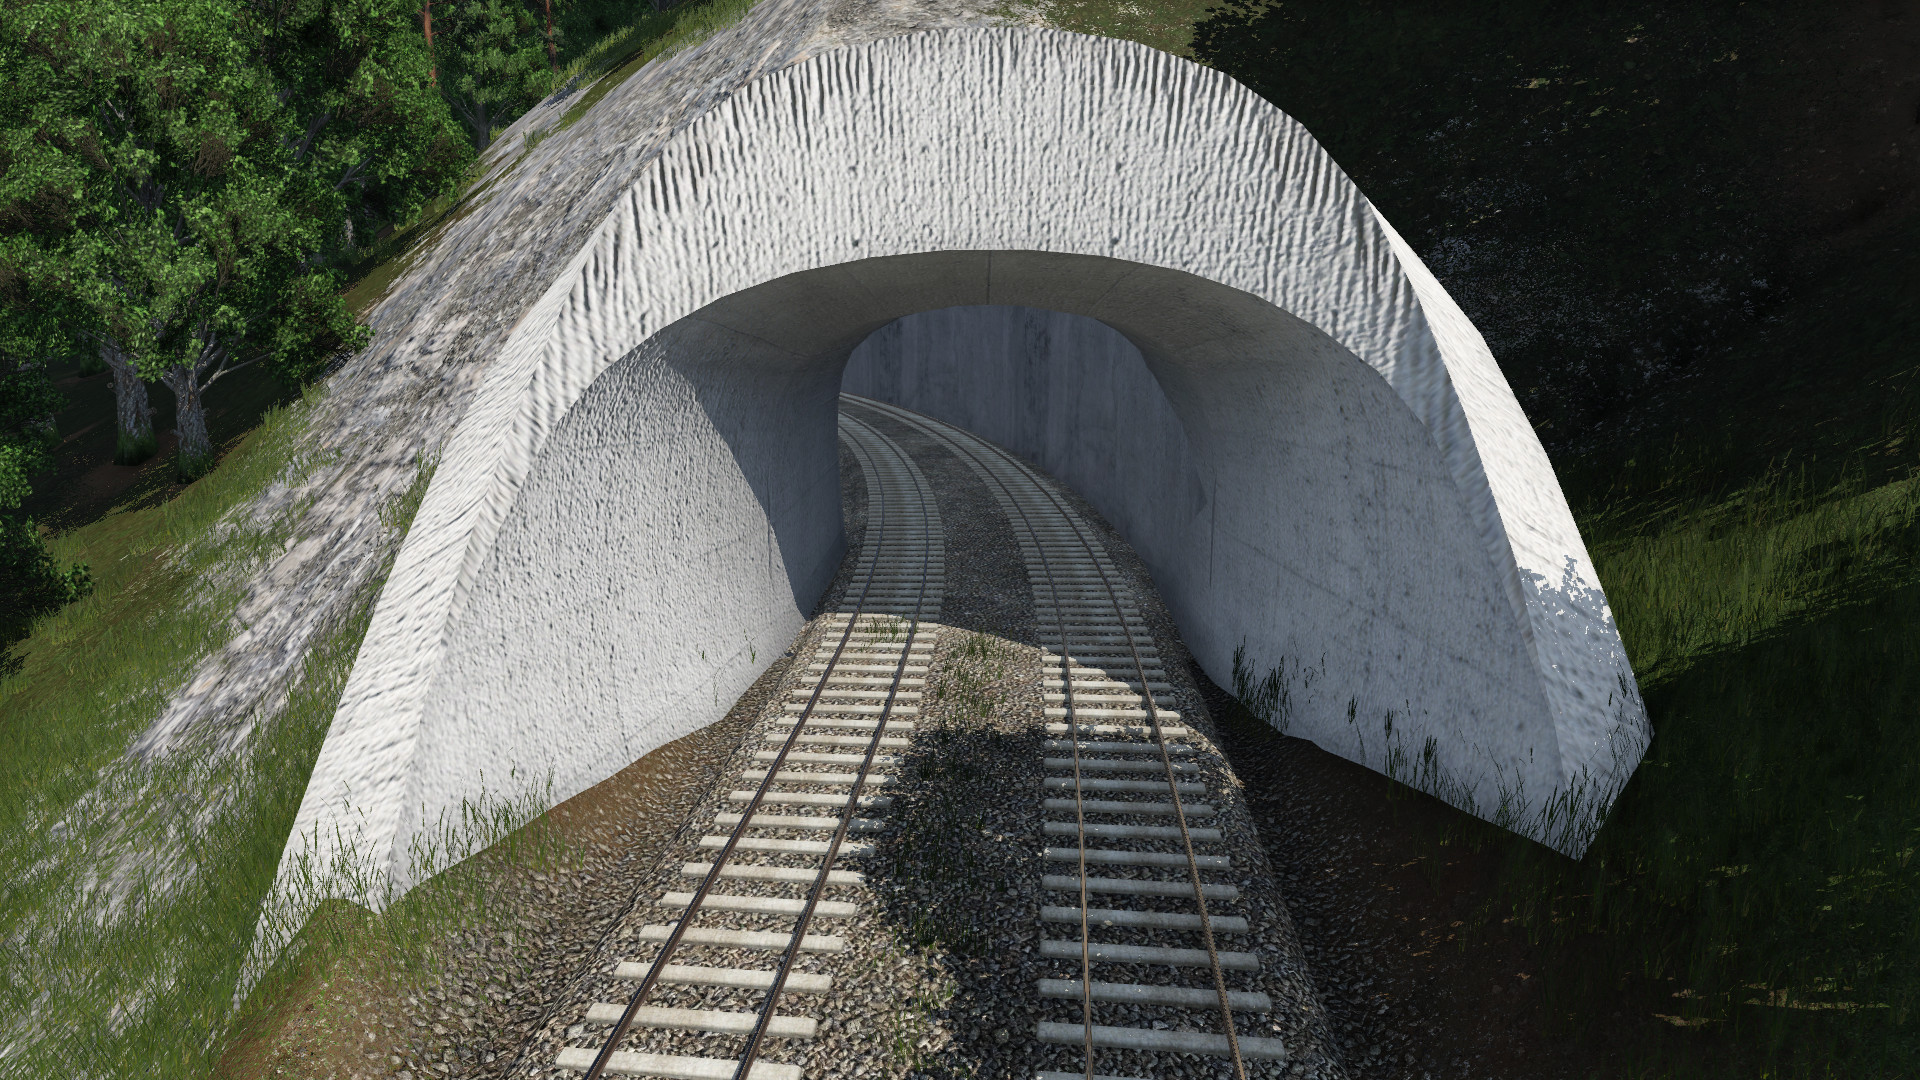 Transport Fever 2 - Tunnel Repainter